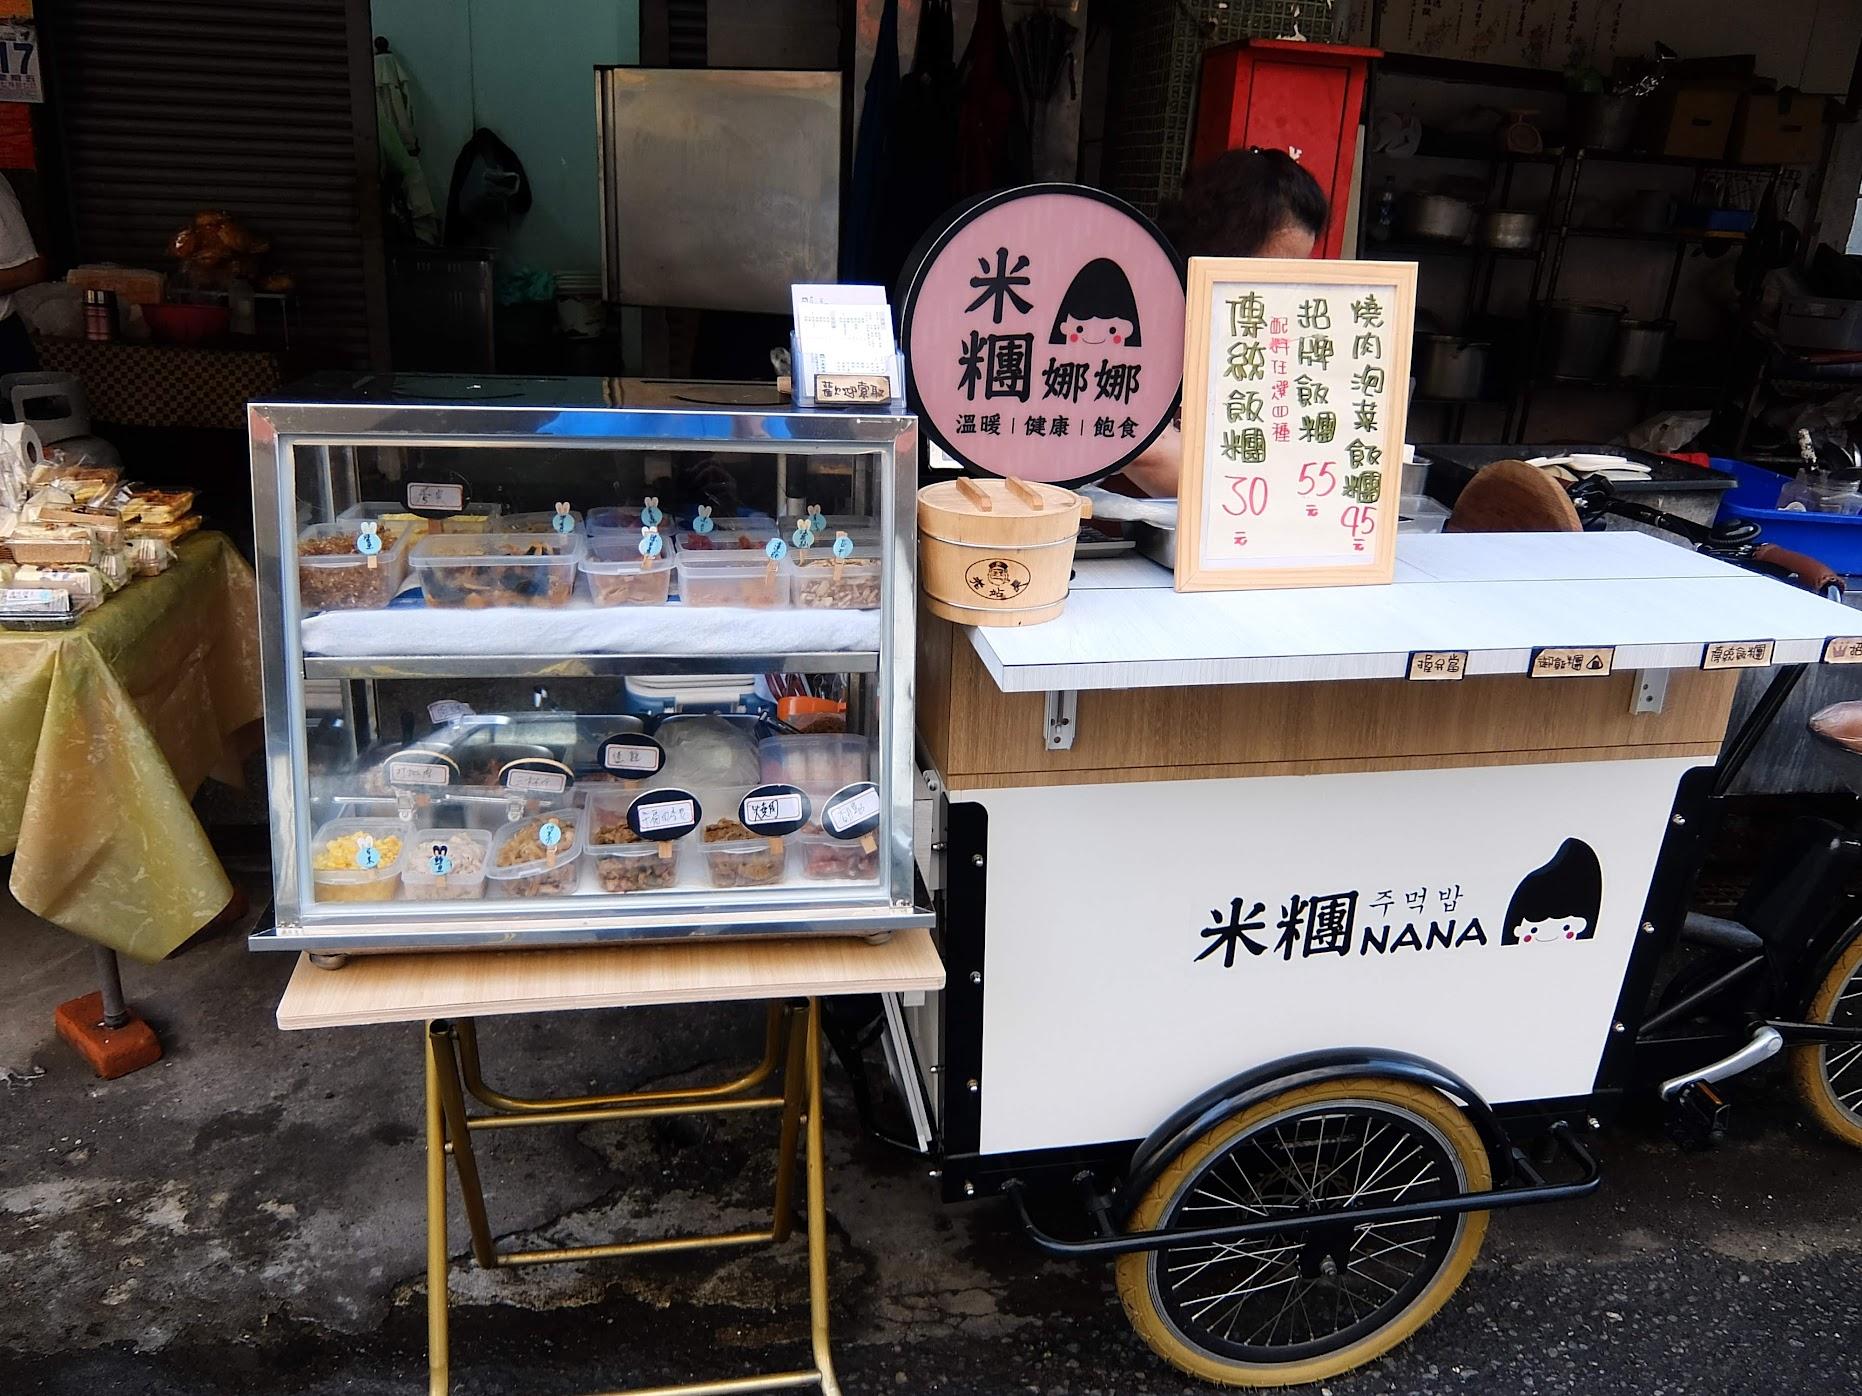 米糰娜娜,在尚義街上的一家小小餐車